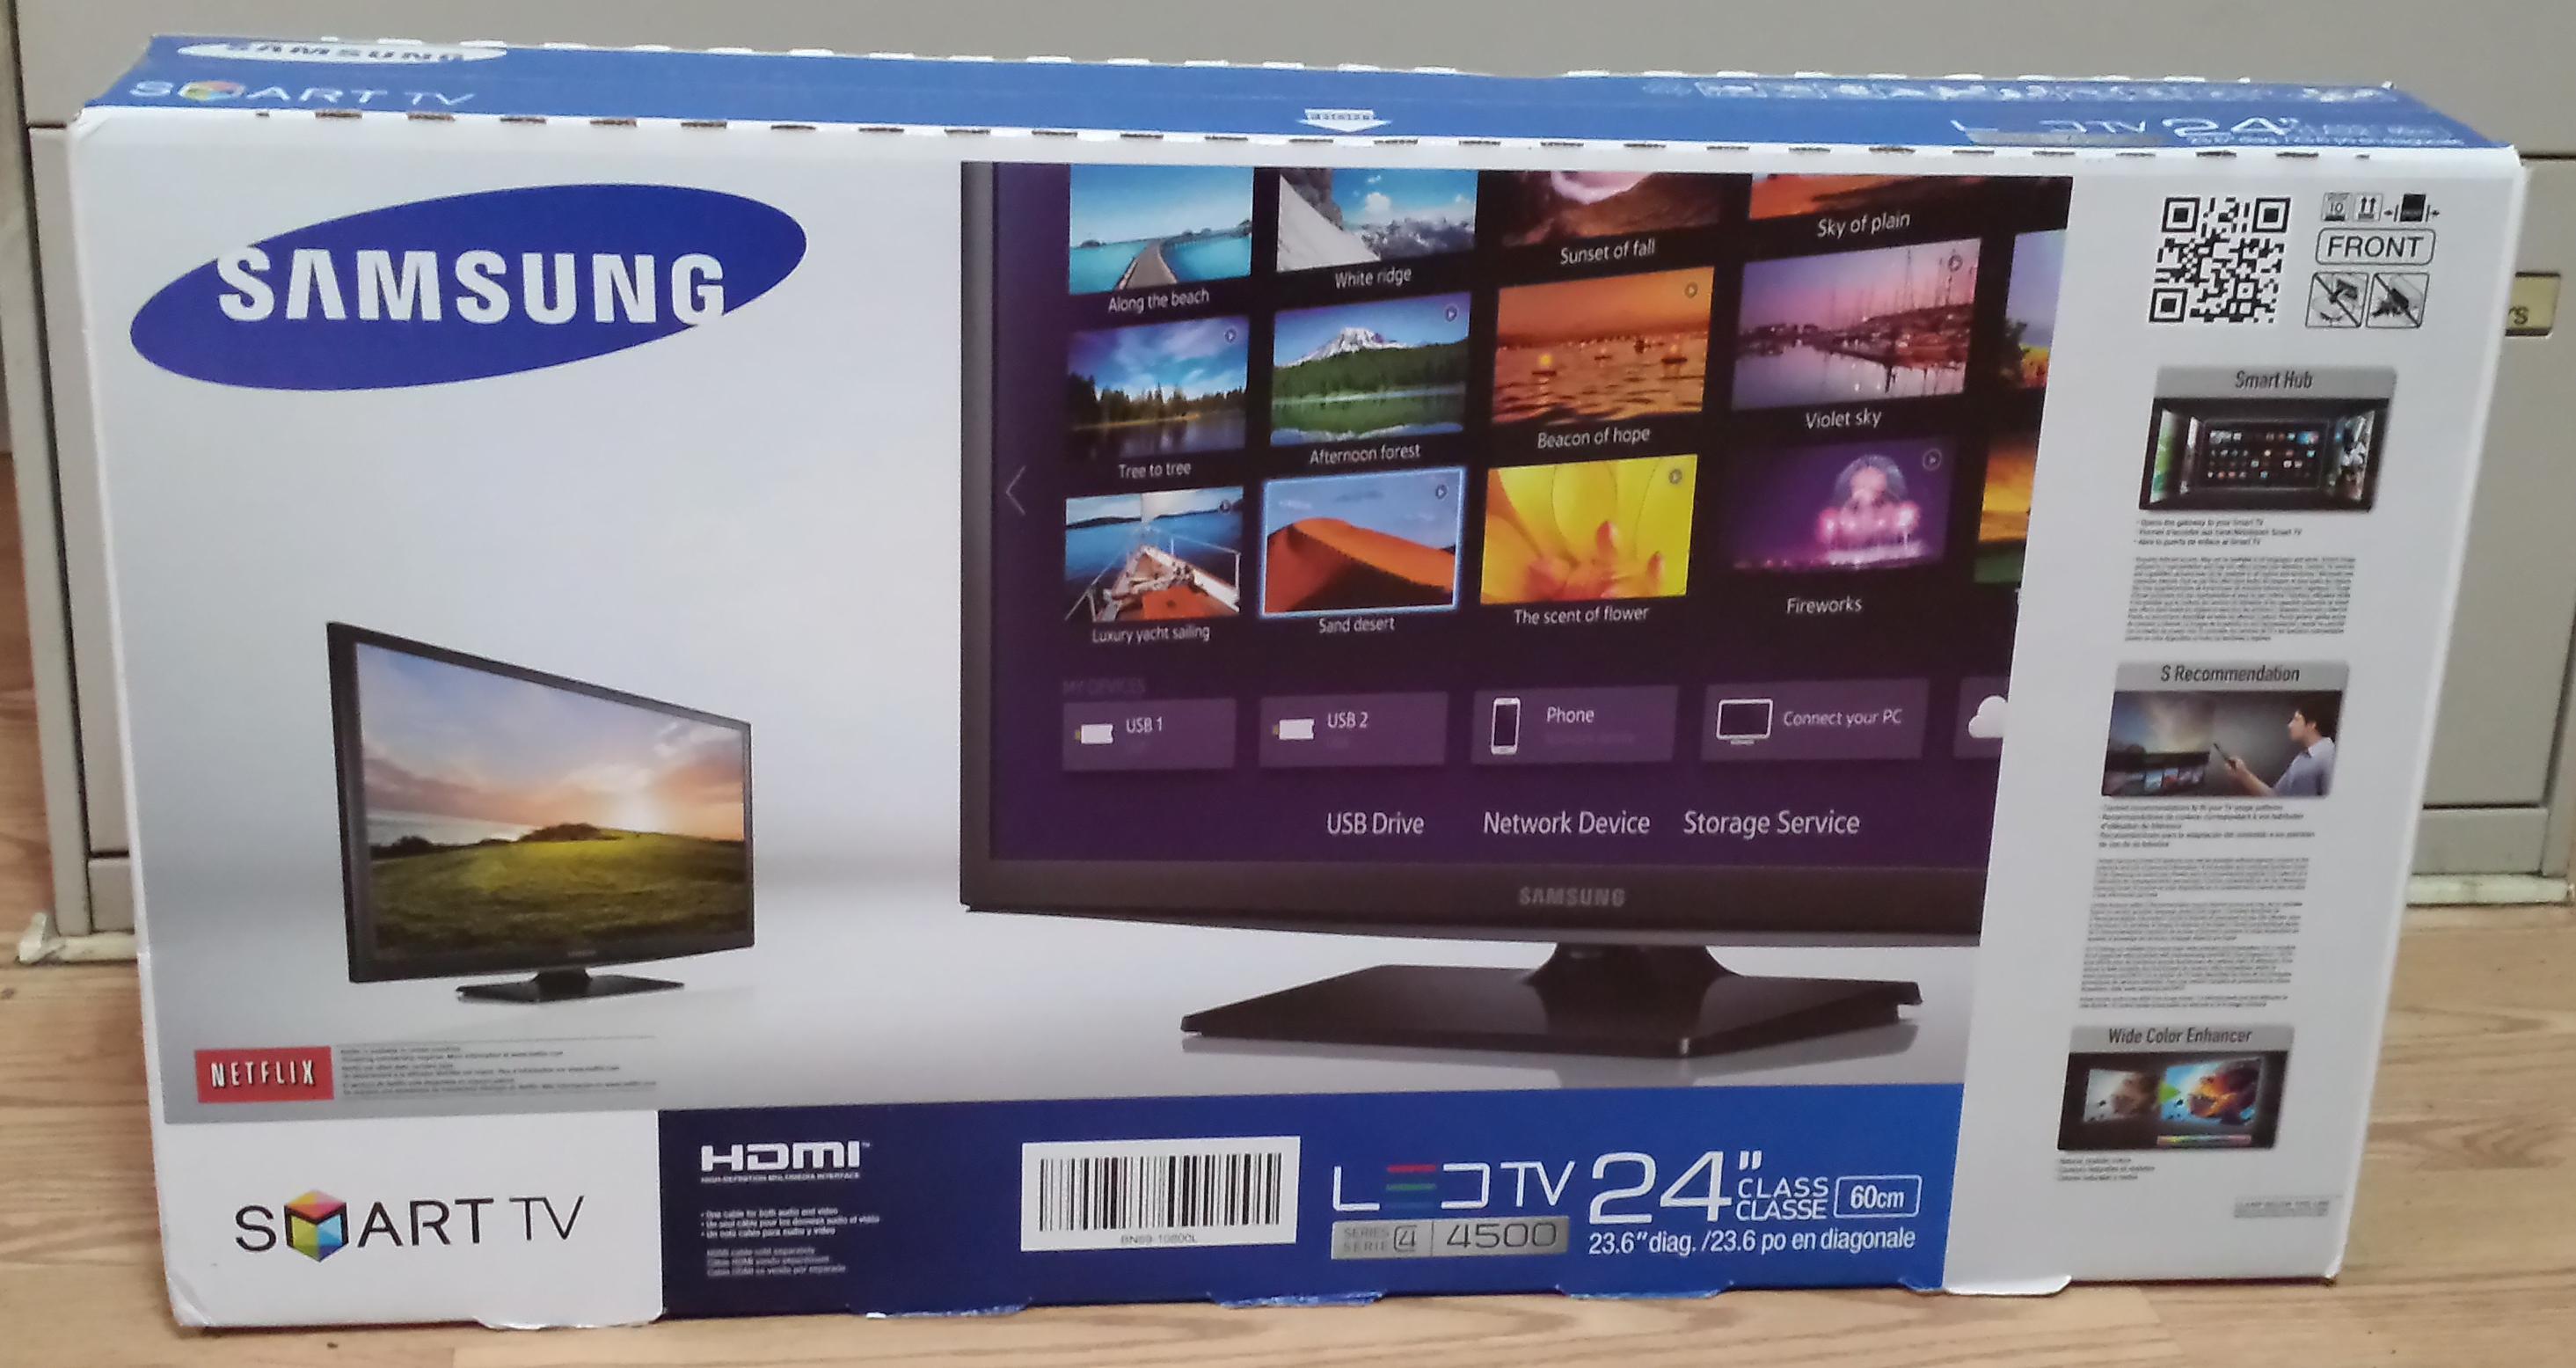 ac79acbf7 Sold - WTT - NIB Samsung 24